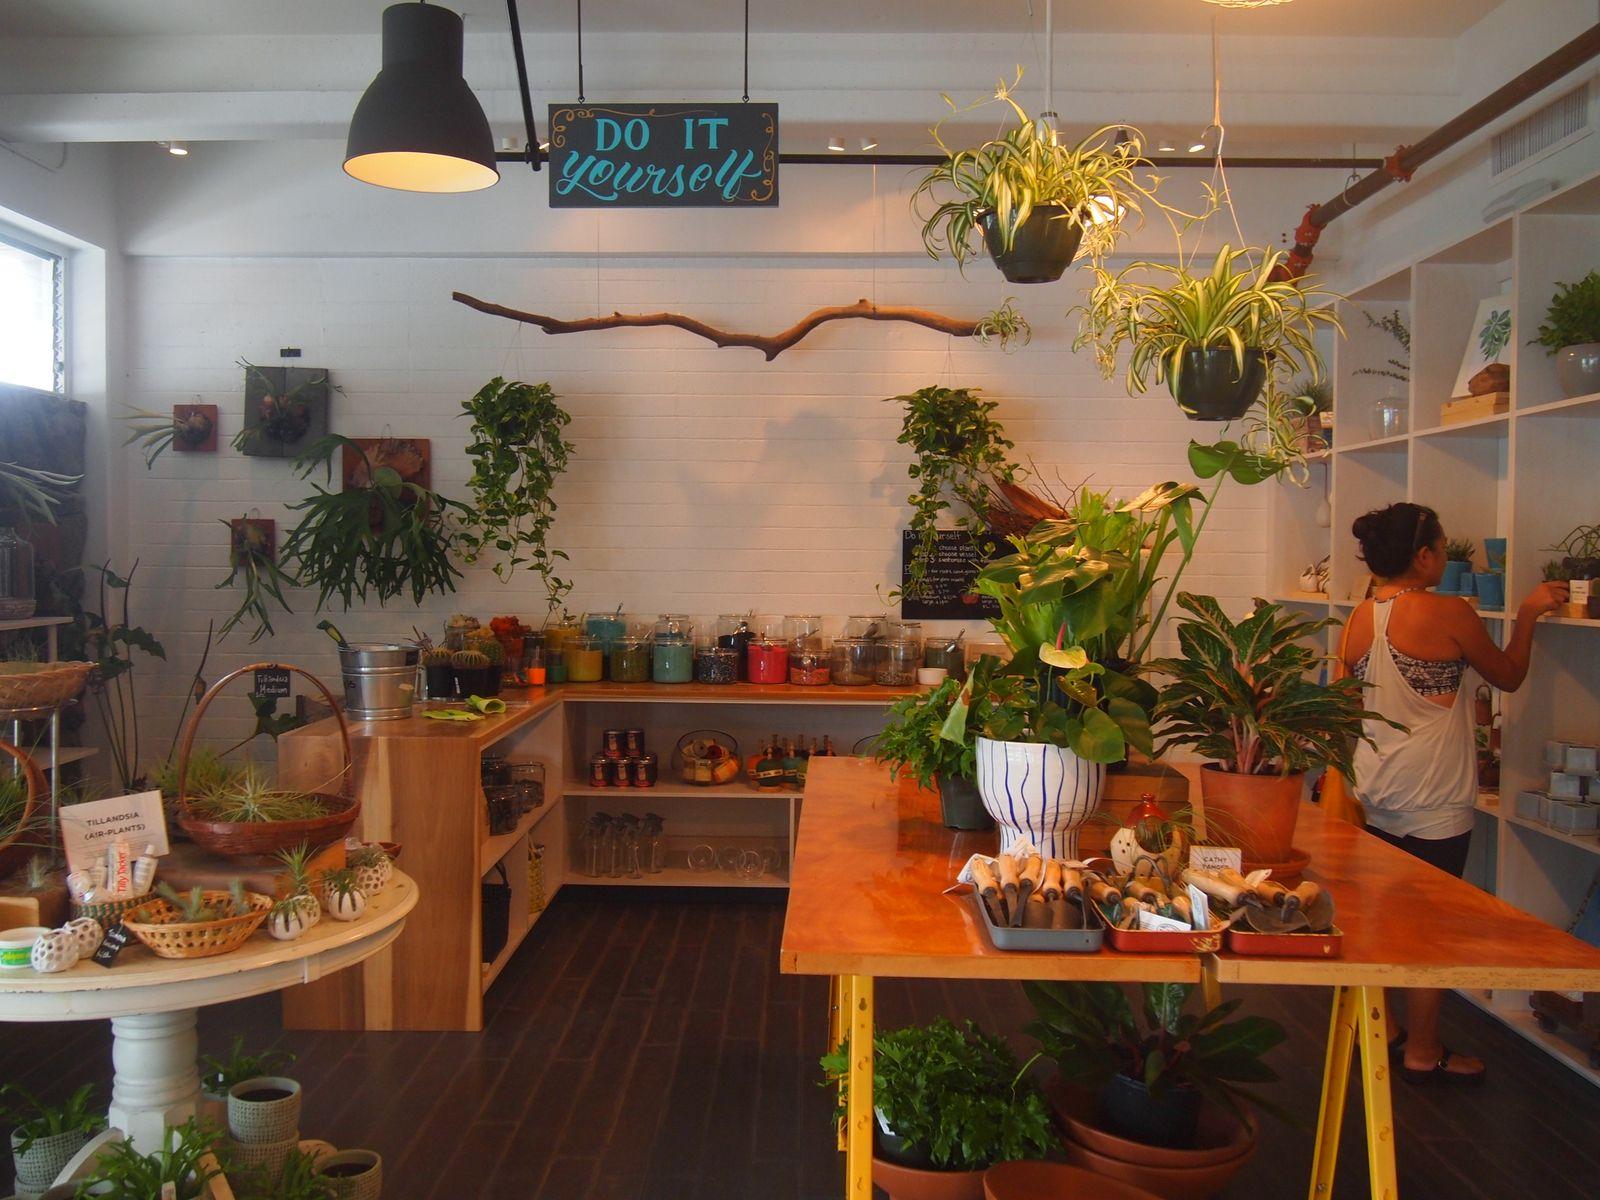 ワード&カカアコエリアには、アーティスティックな気分を盛り上げてくれるオシャレなショップもいっぱい。たとえばこちらのお花屋さん「PAIKO」は、寄せ植えを楽しめるちょっと変わったコンセプトショップ。キラキラ輝くカラフルな石や砂を好みのポットに入れ、そこに観葉植物をアレンジ。自分オリジナルの素敵なお部屋のアクセントが完成します。